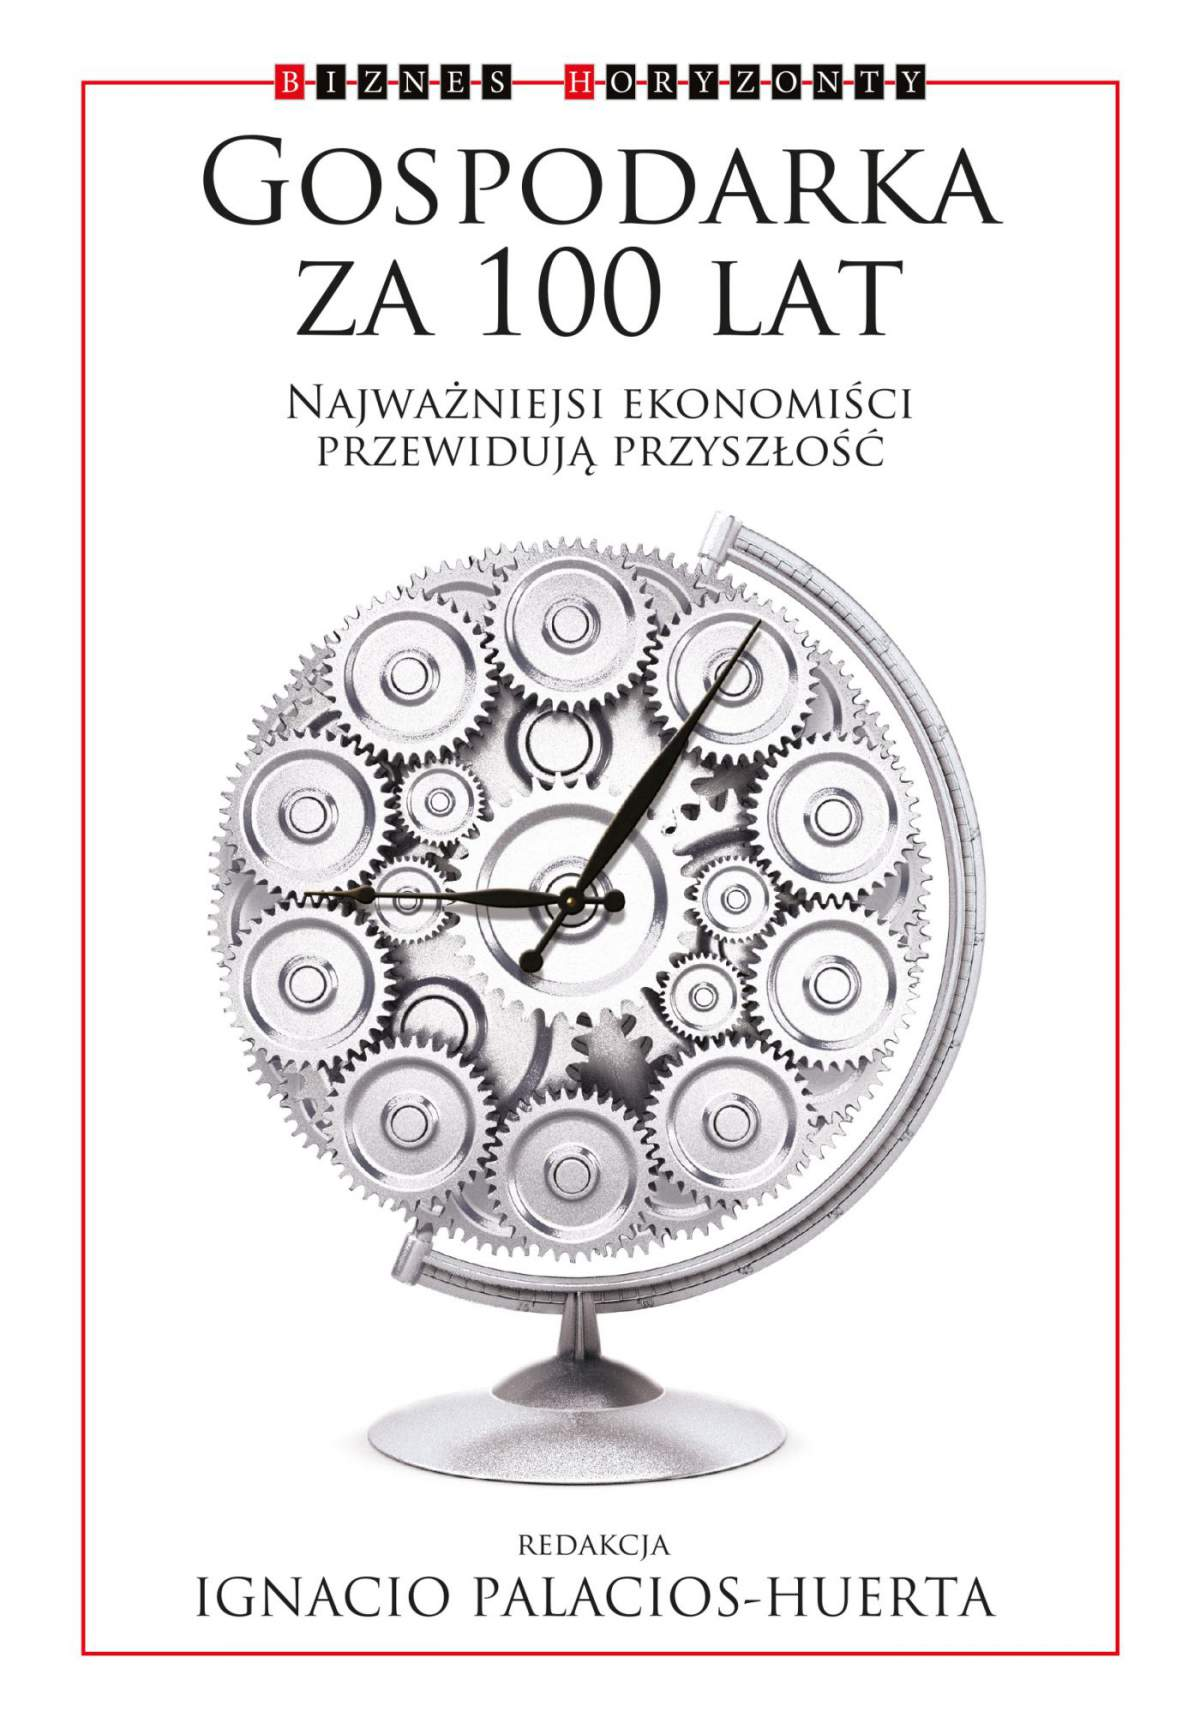 Gospodarka za 100 lat. Najważniejsi ekonomiści przewidują przyszłość - Ebook (Książka PDF) do pobrania w formacie PDF